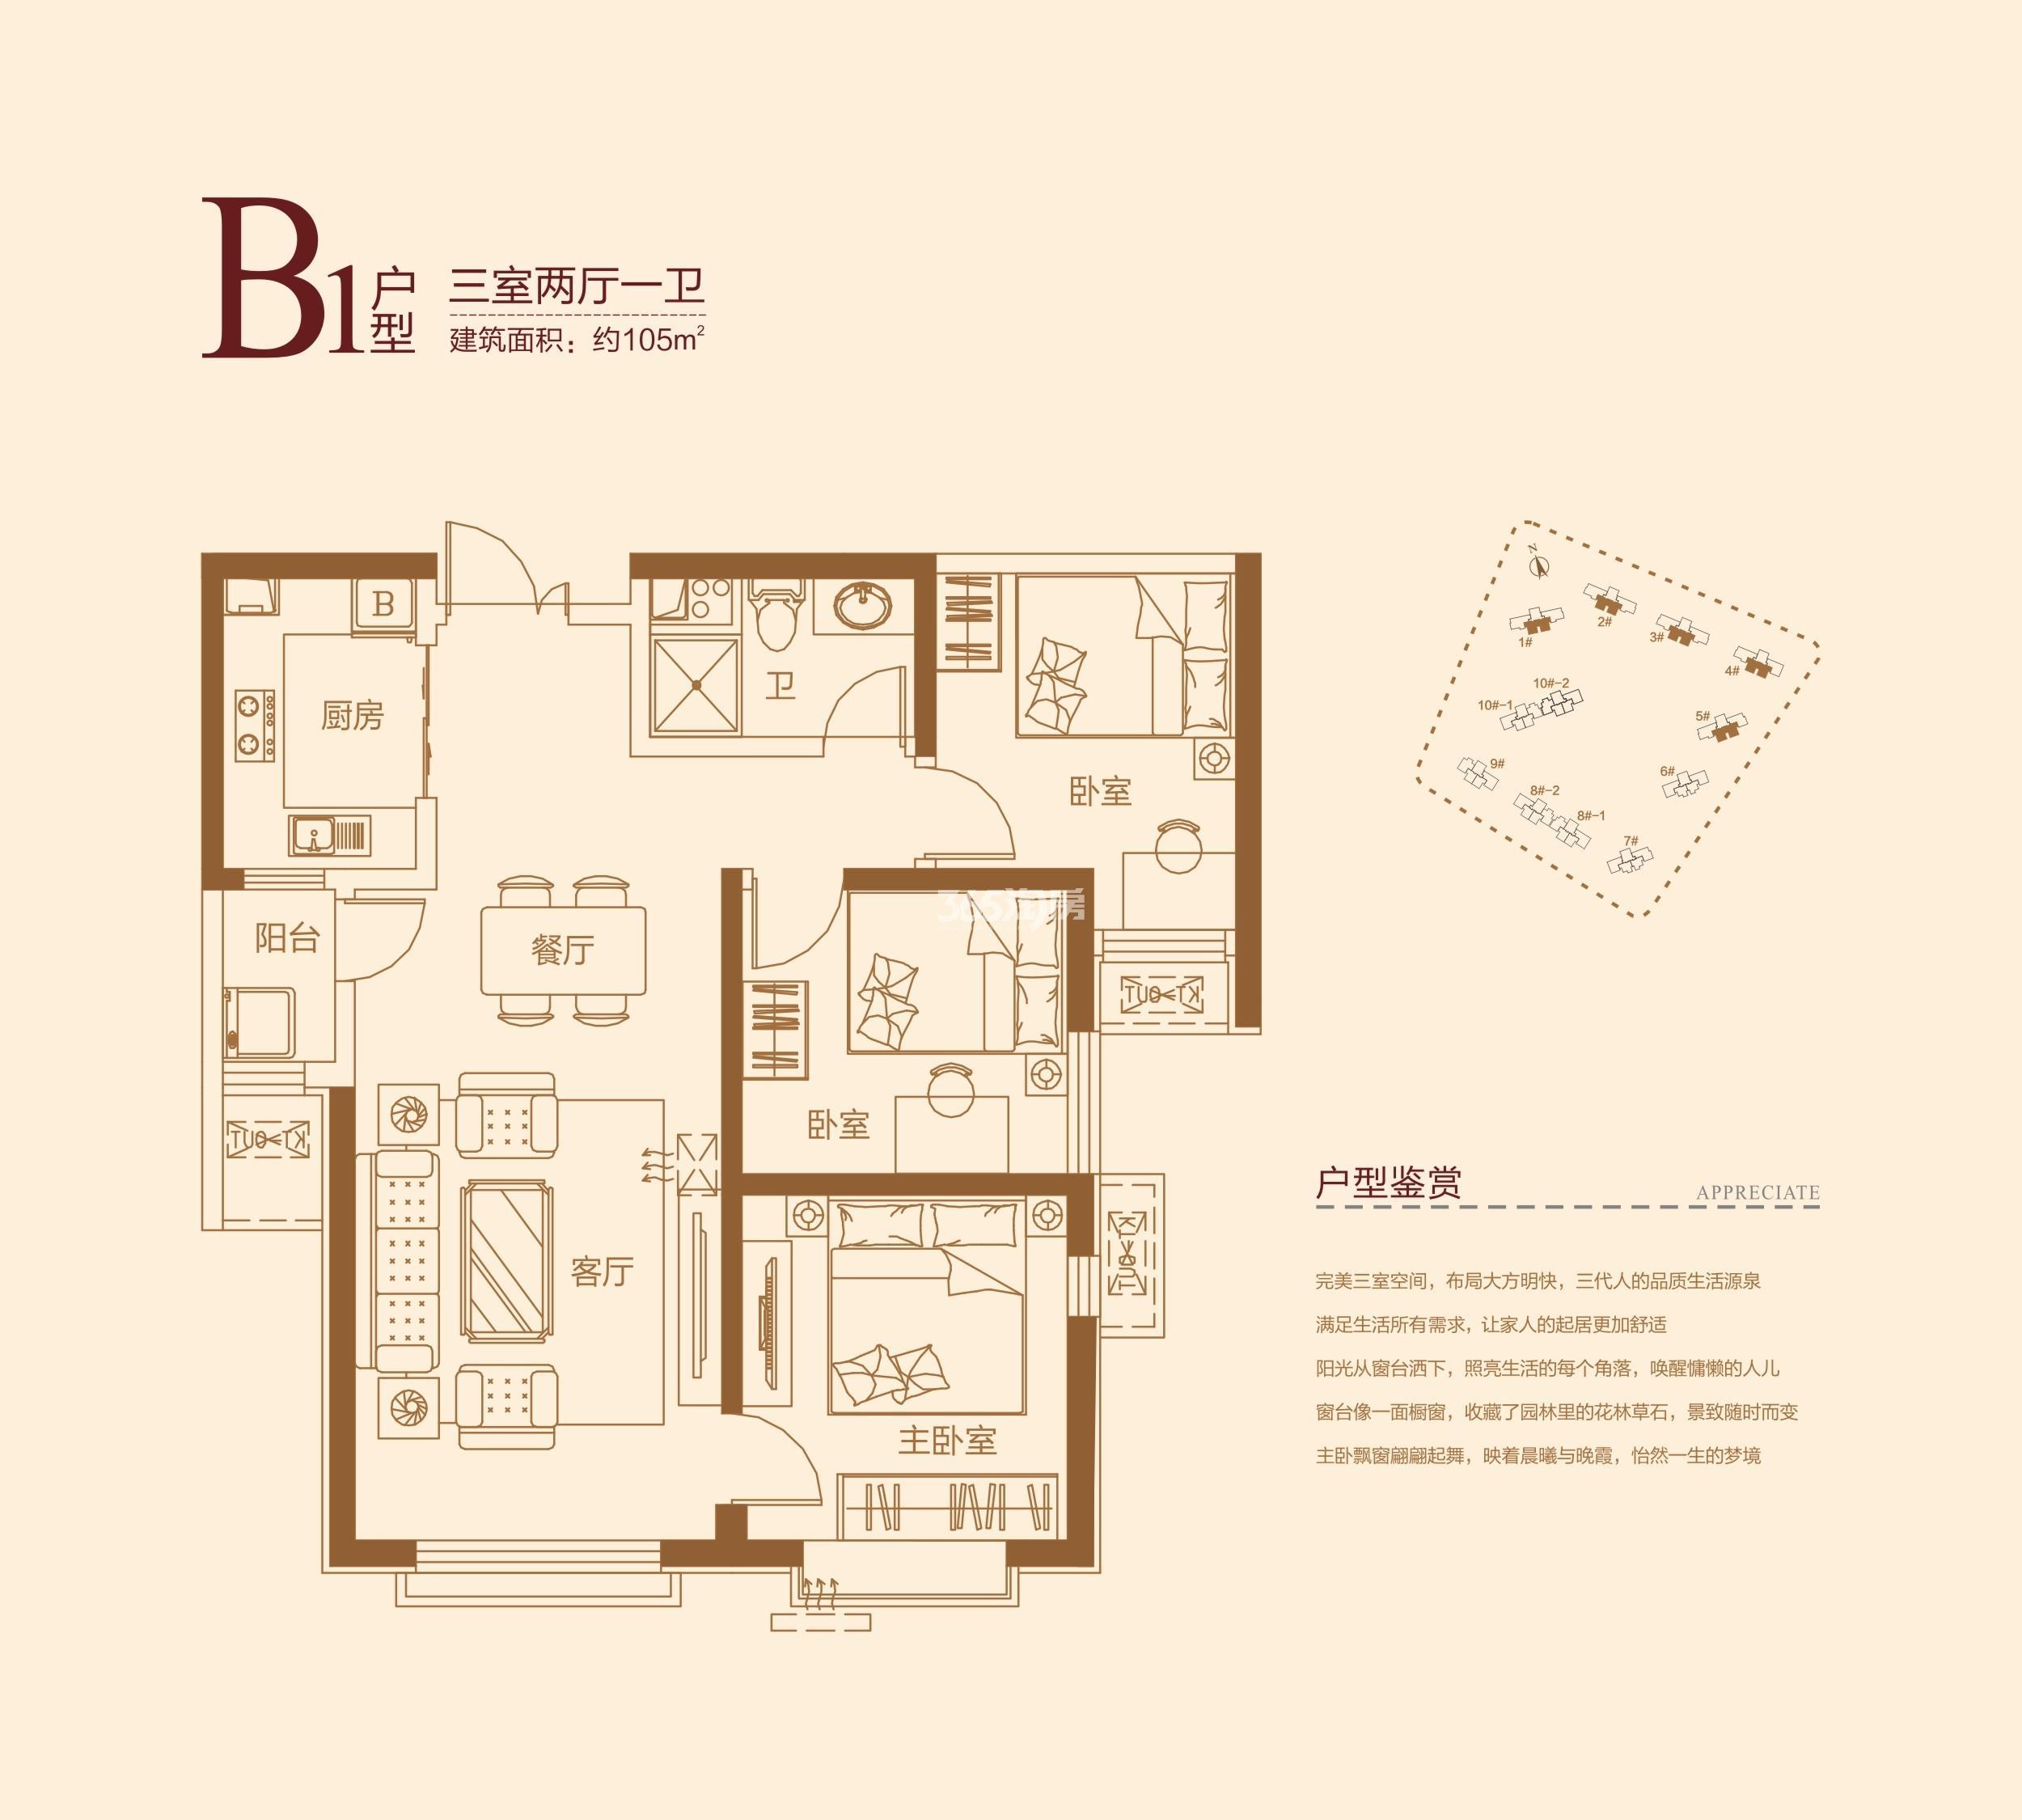 B1户型 三室两厅一卫 建面约105㎡